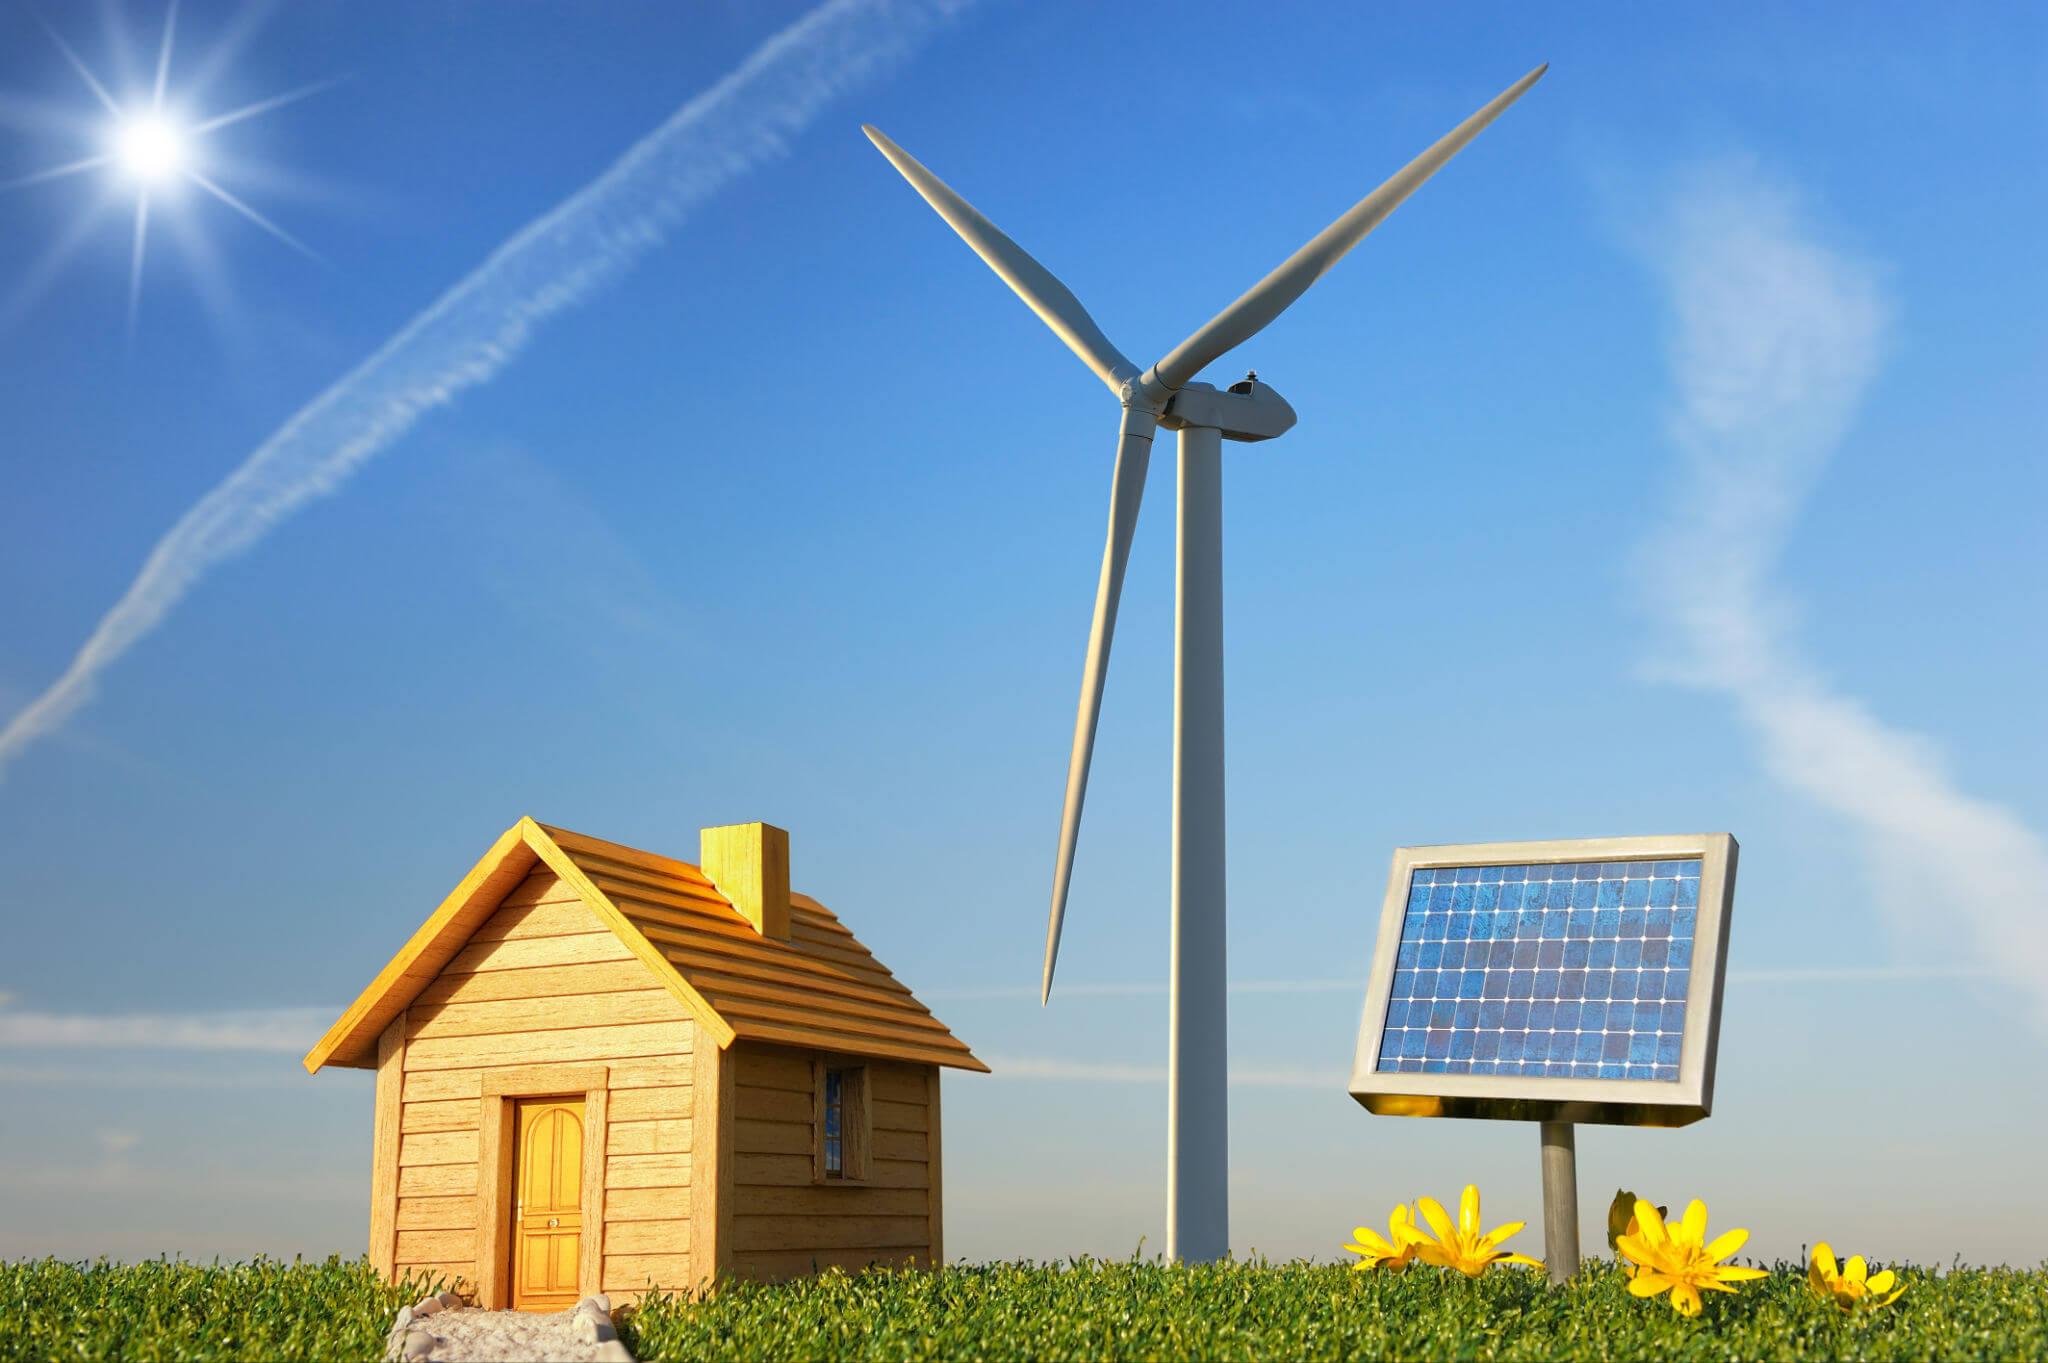 фото энергия солнца воды ветра несколько лет данное